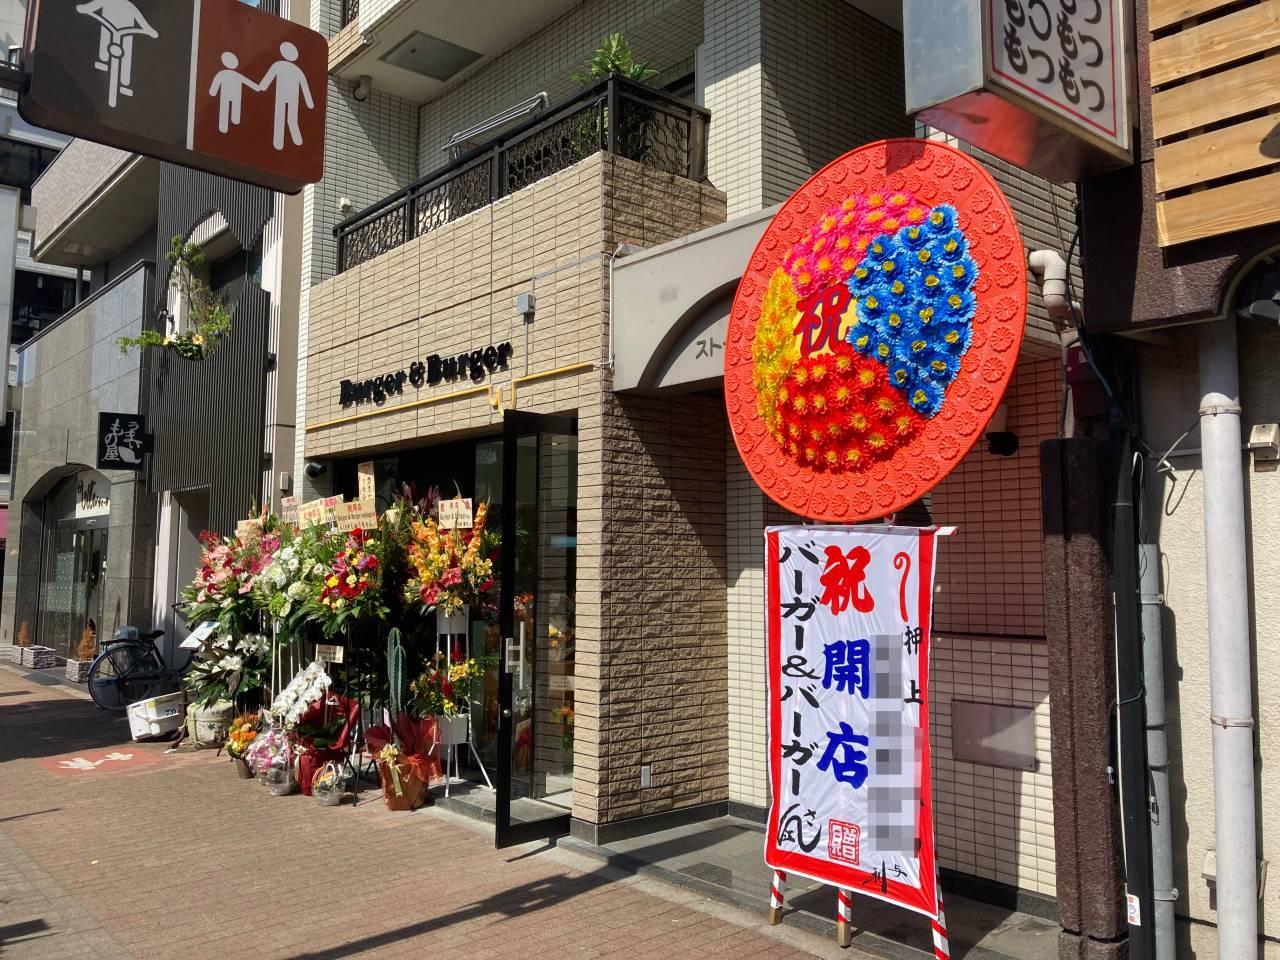 店舗の前に花が沢山